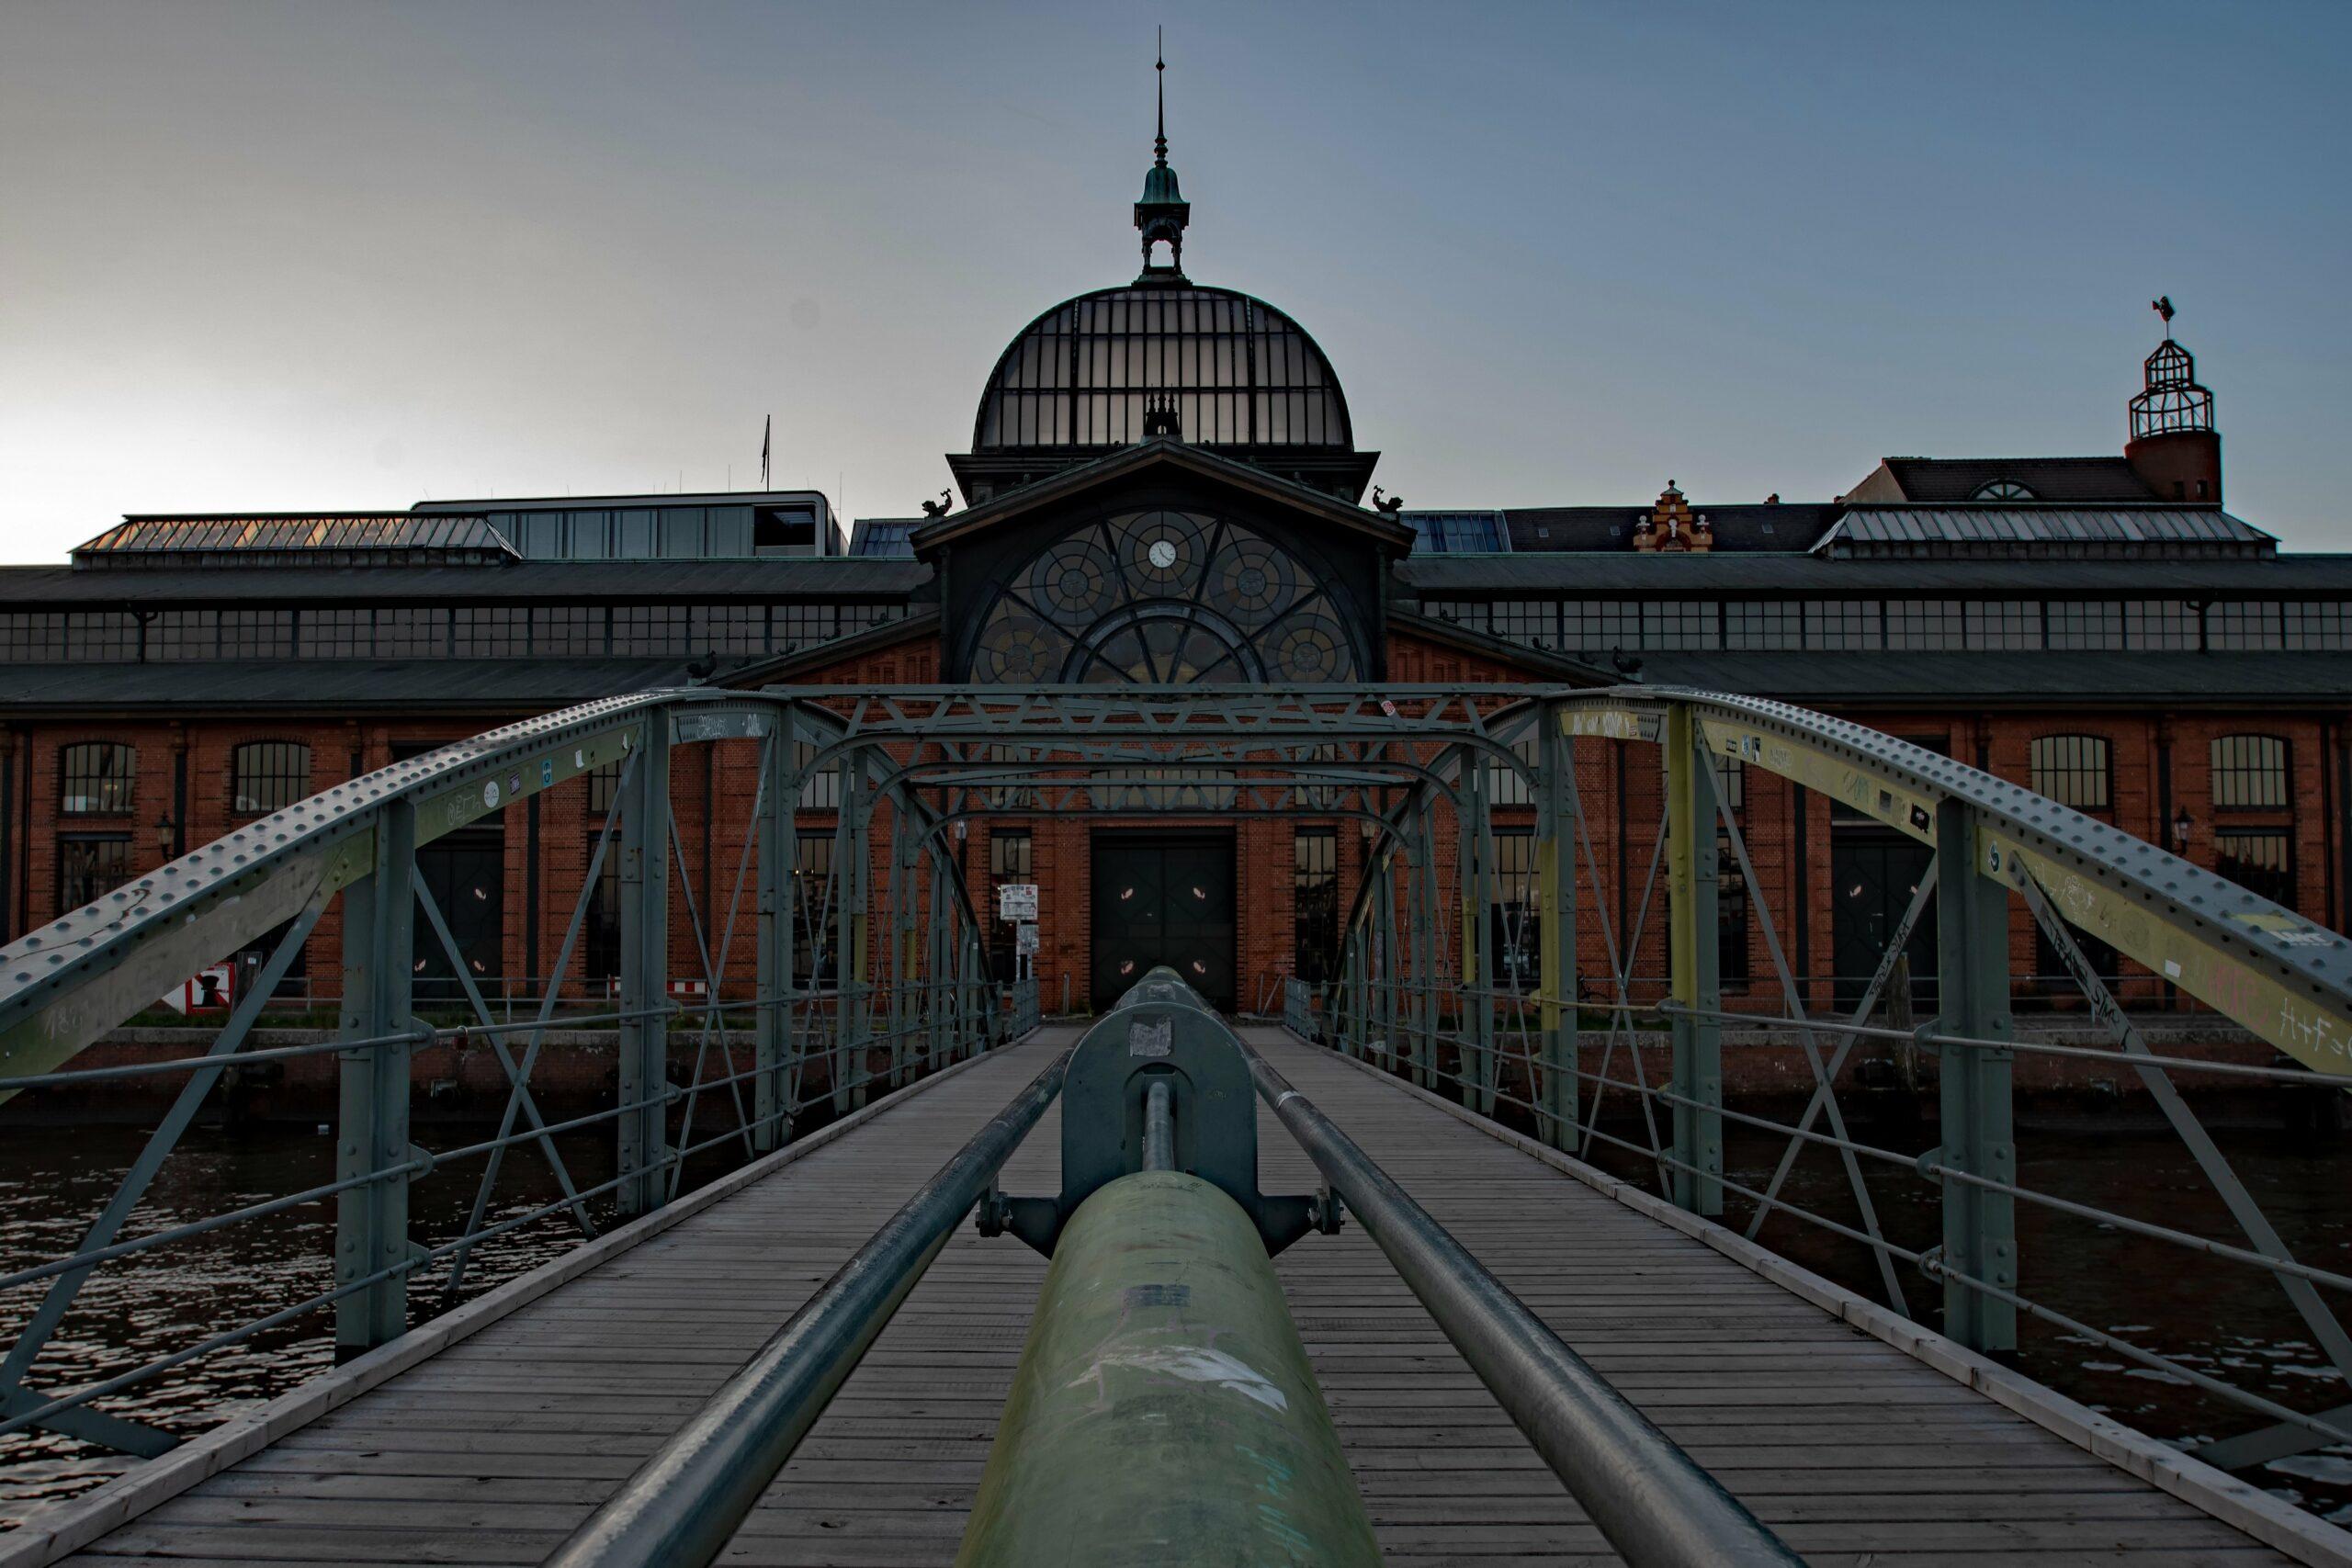 Hans Stötera - Fischmarkt am Abend 01.06.2021 - Fischauktionshalle